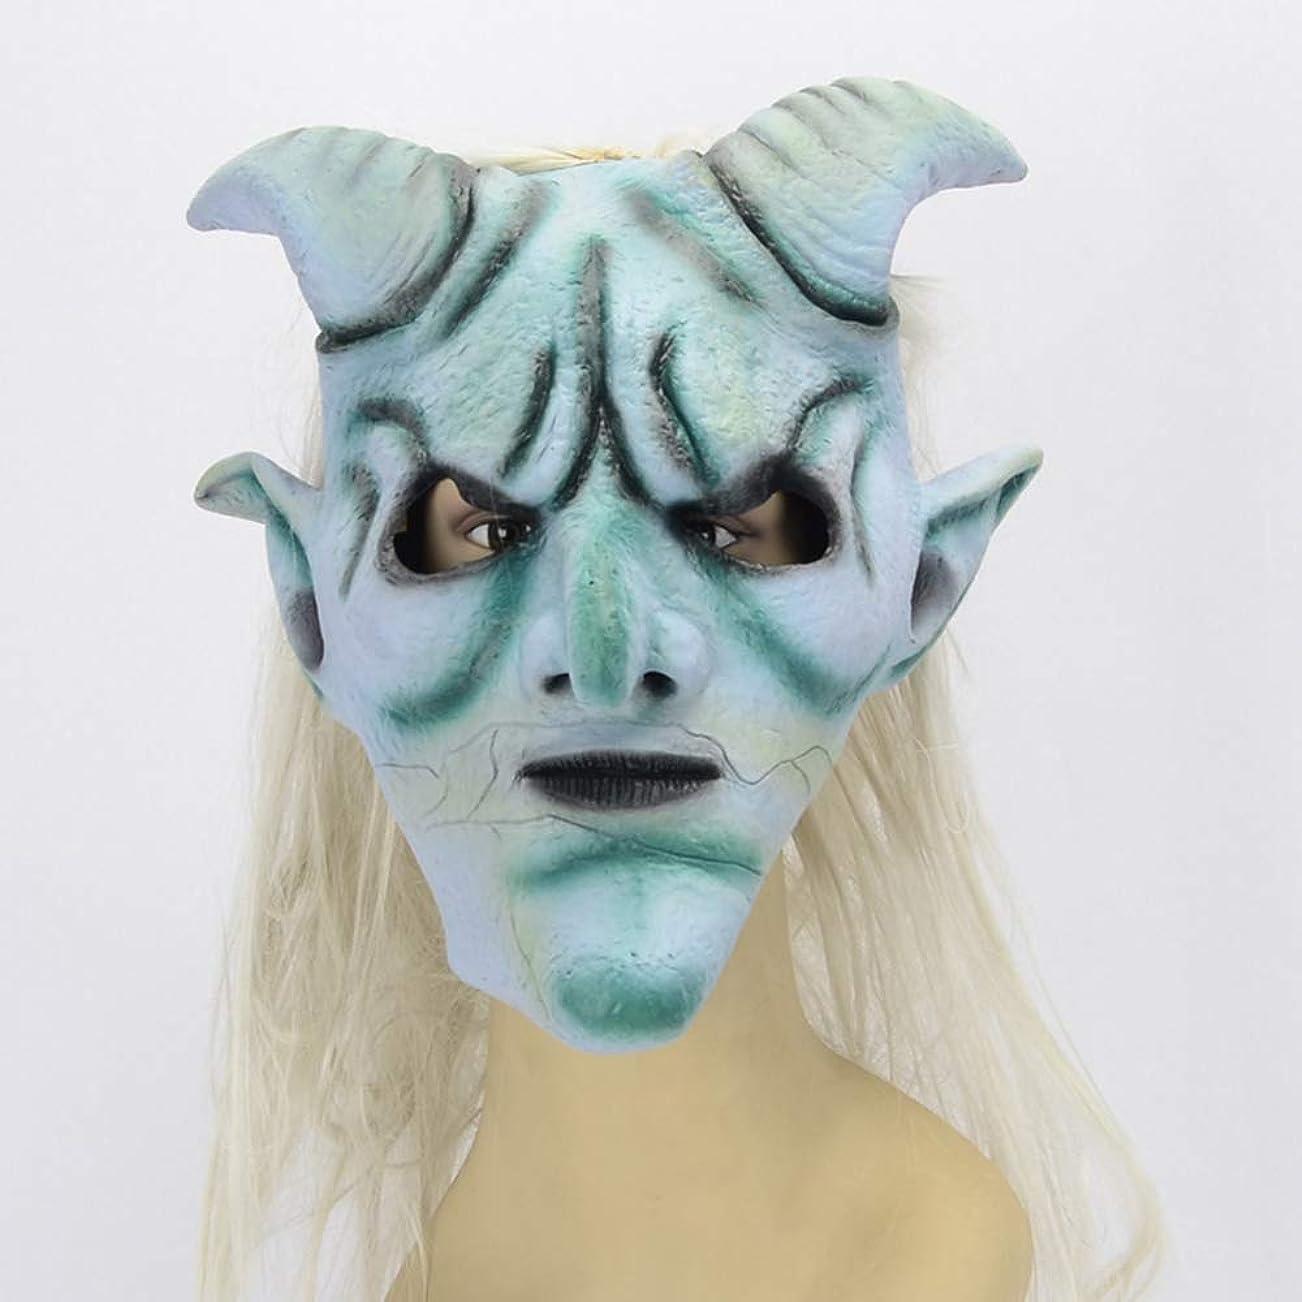 啓発する質素な上院マスク、ハロウィーンマスク、ミラーマスク、悪魔デーモンマスク、いたずらに使用することができます